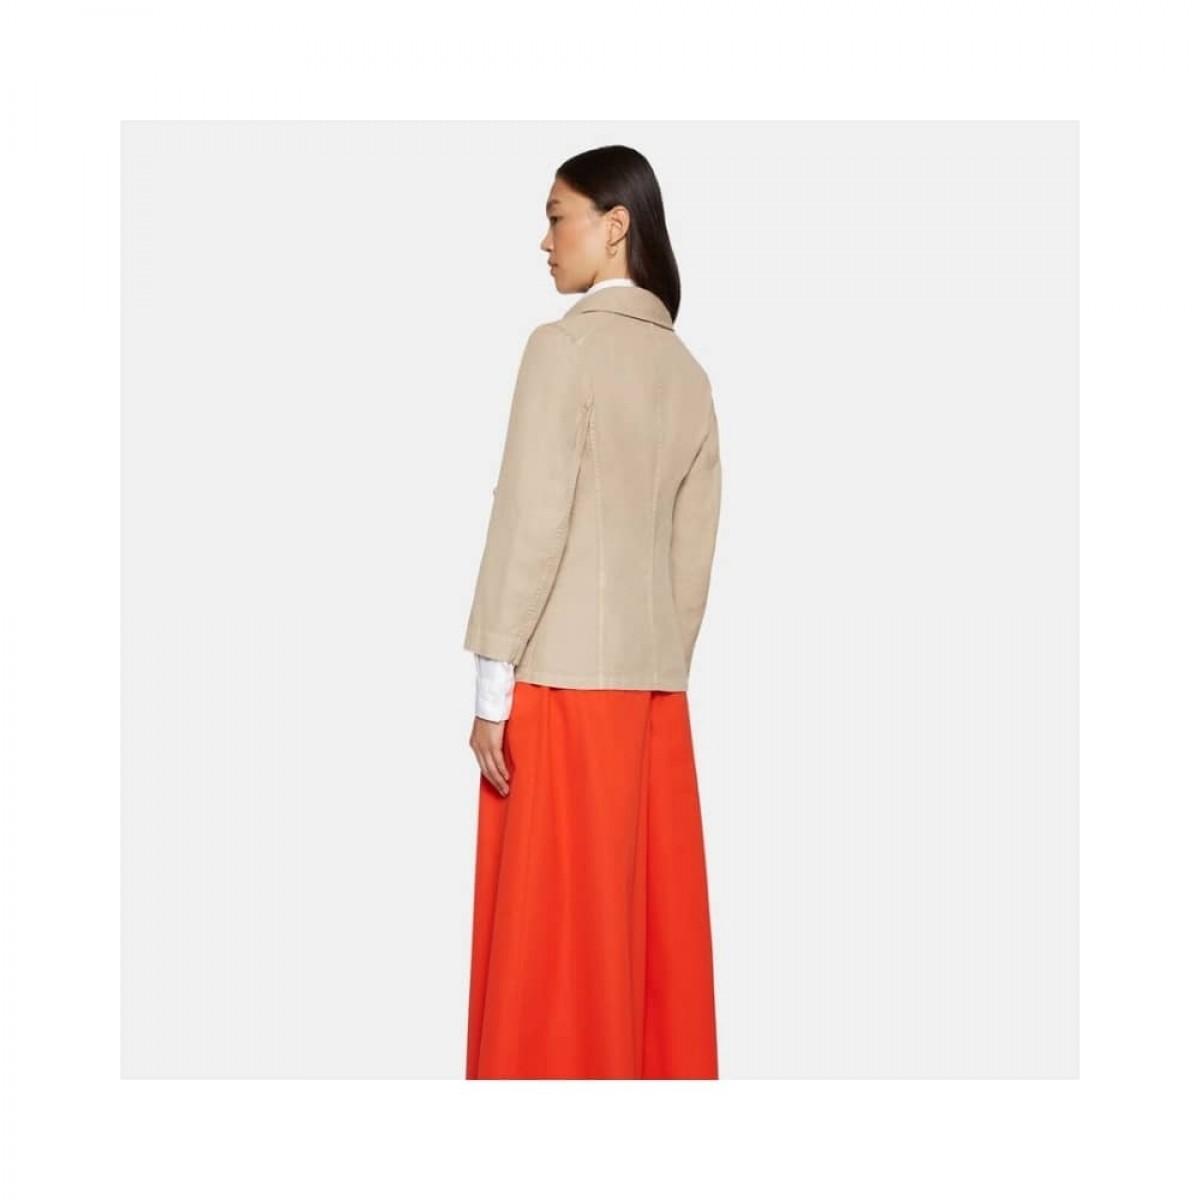 giacca donna jakke - beige - model ryg